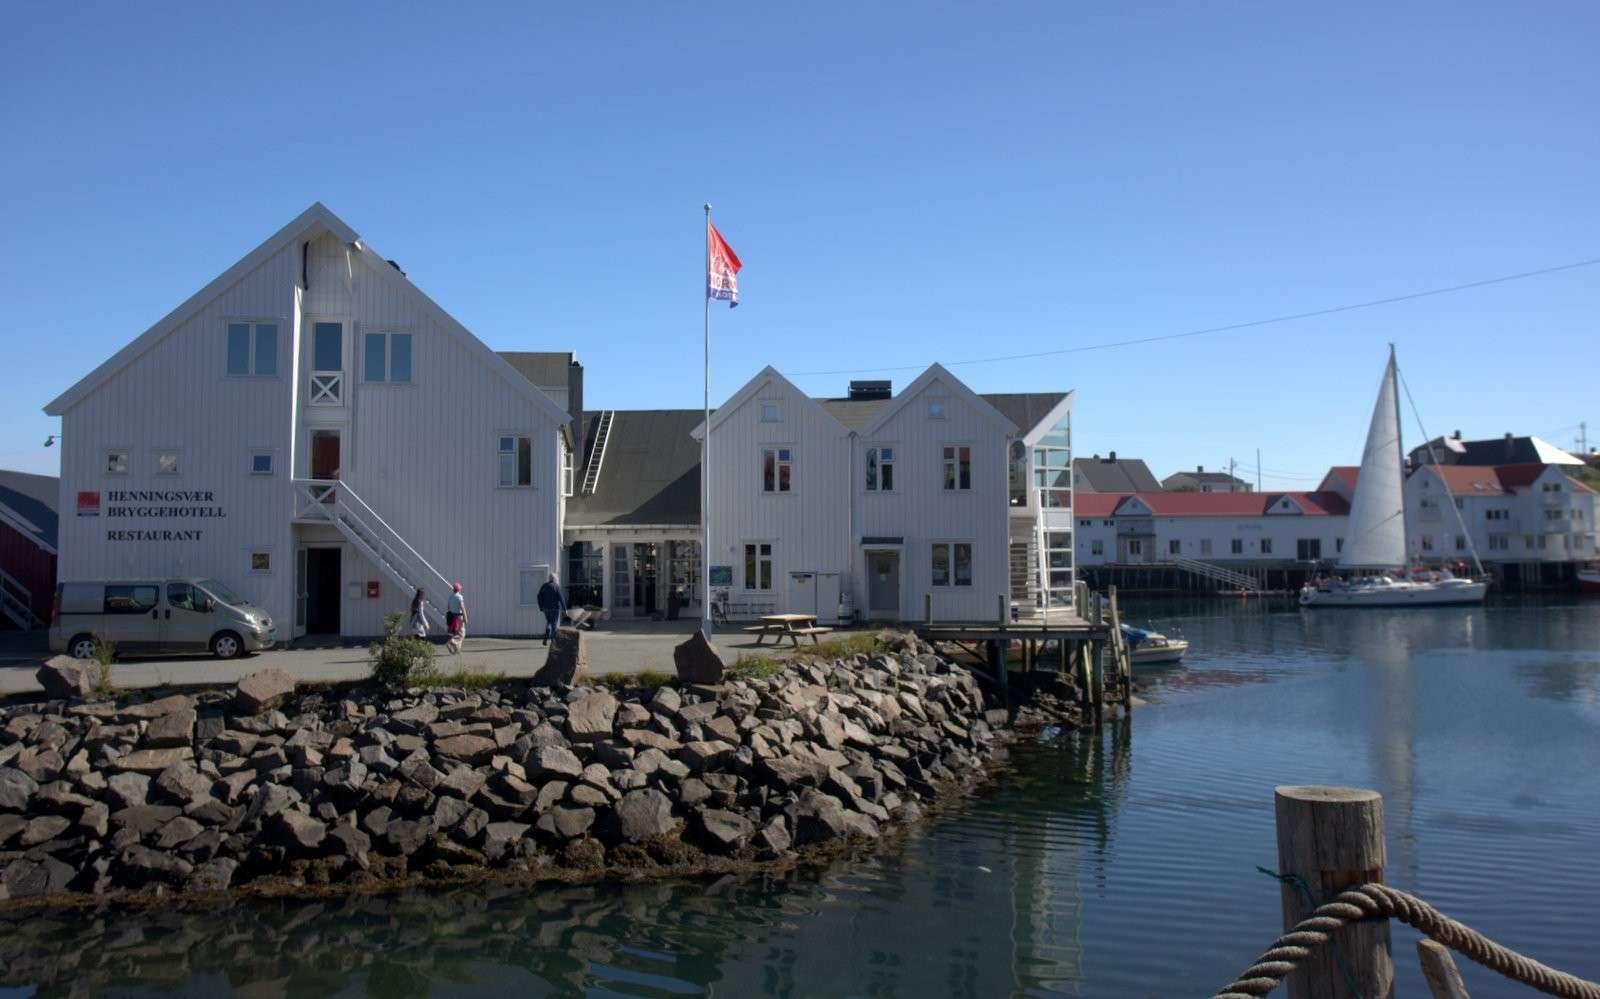 Henningsvaer Bryggehotel